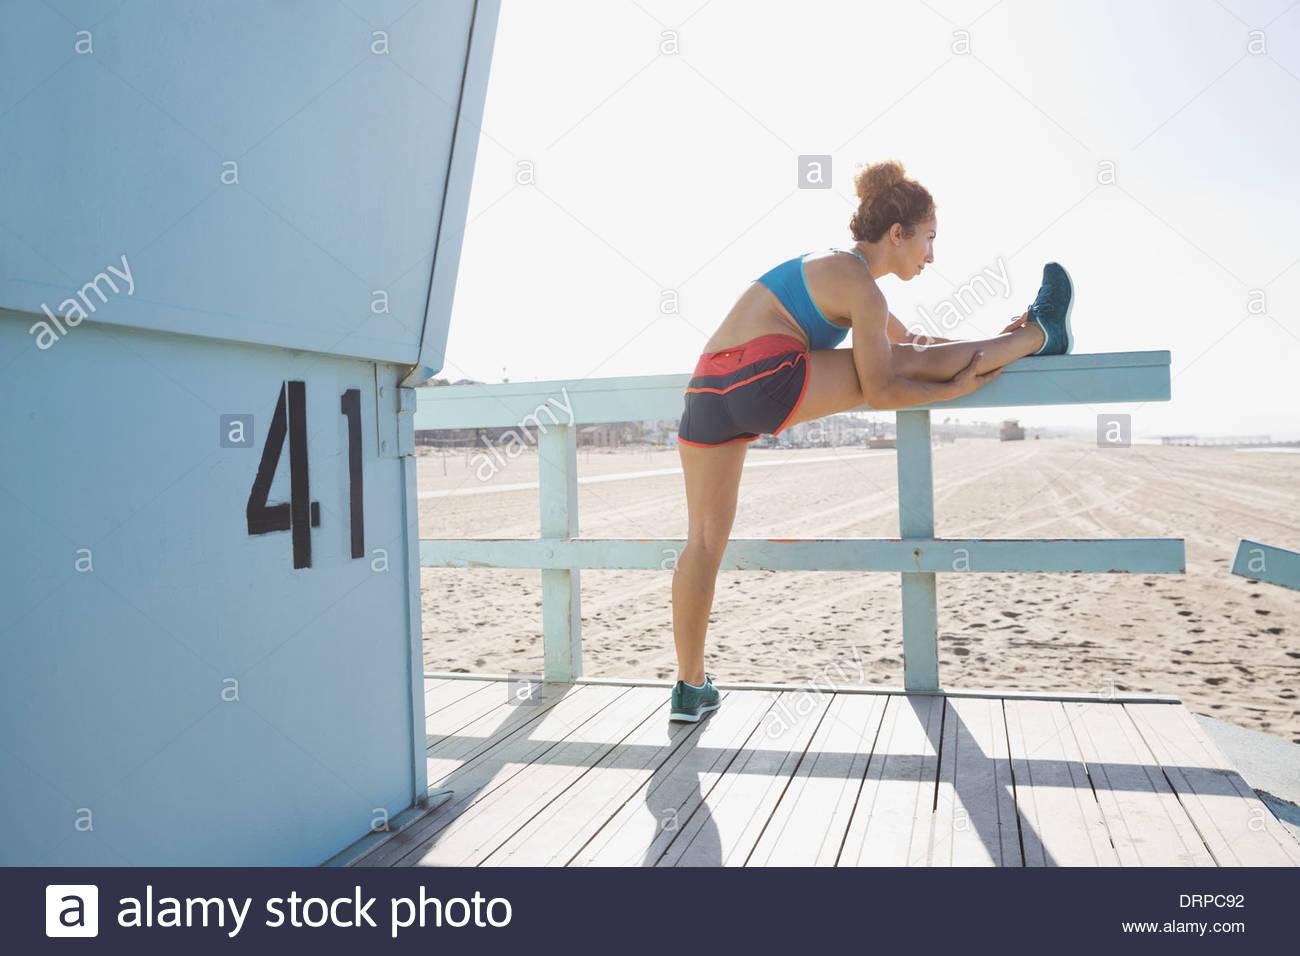 Frau, die Beine vor dem Training zu dehnen Stockbild